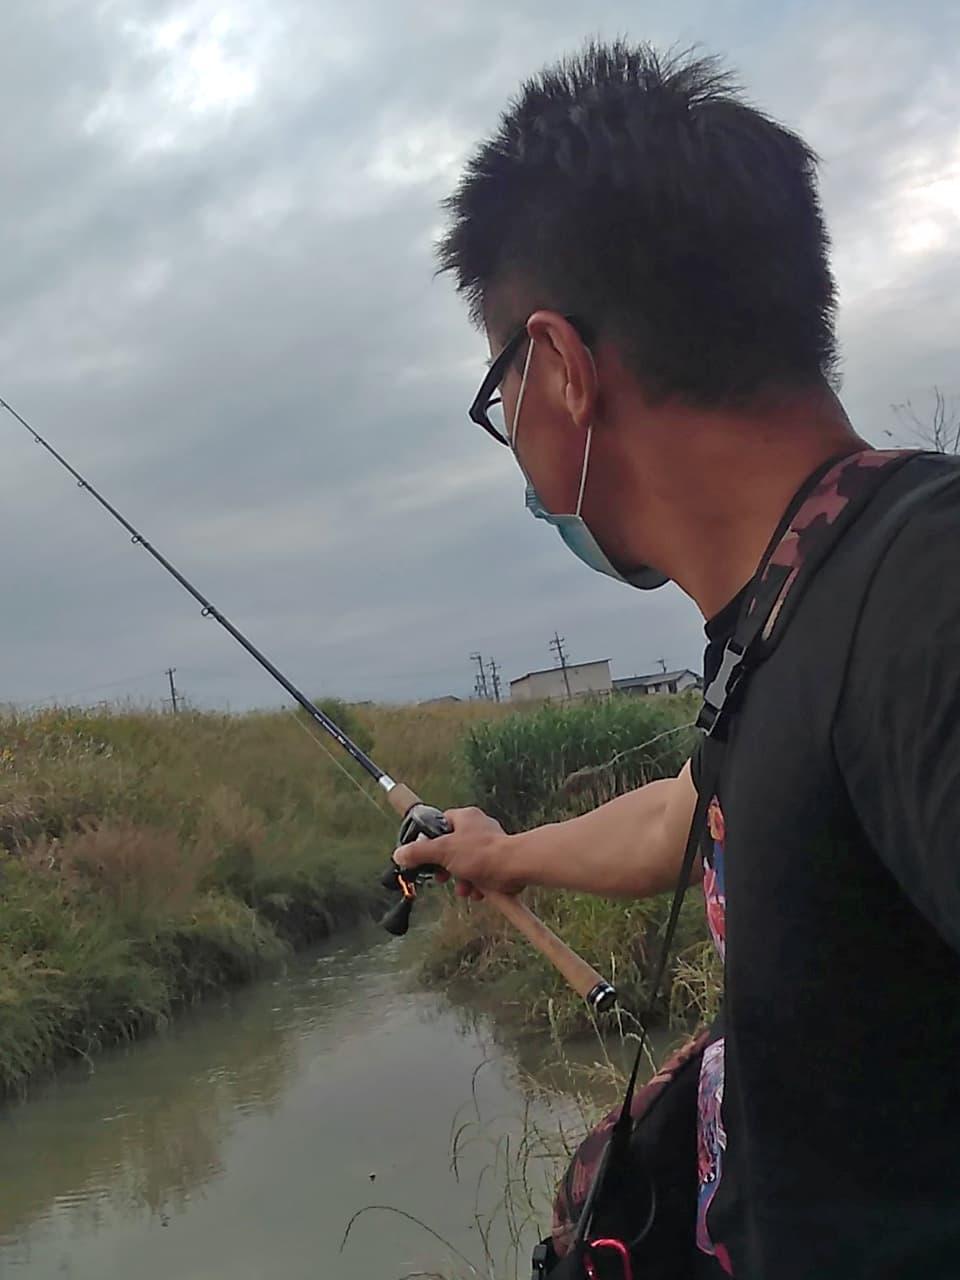 川で釣りをしている高橋の写真